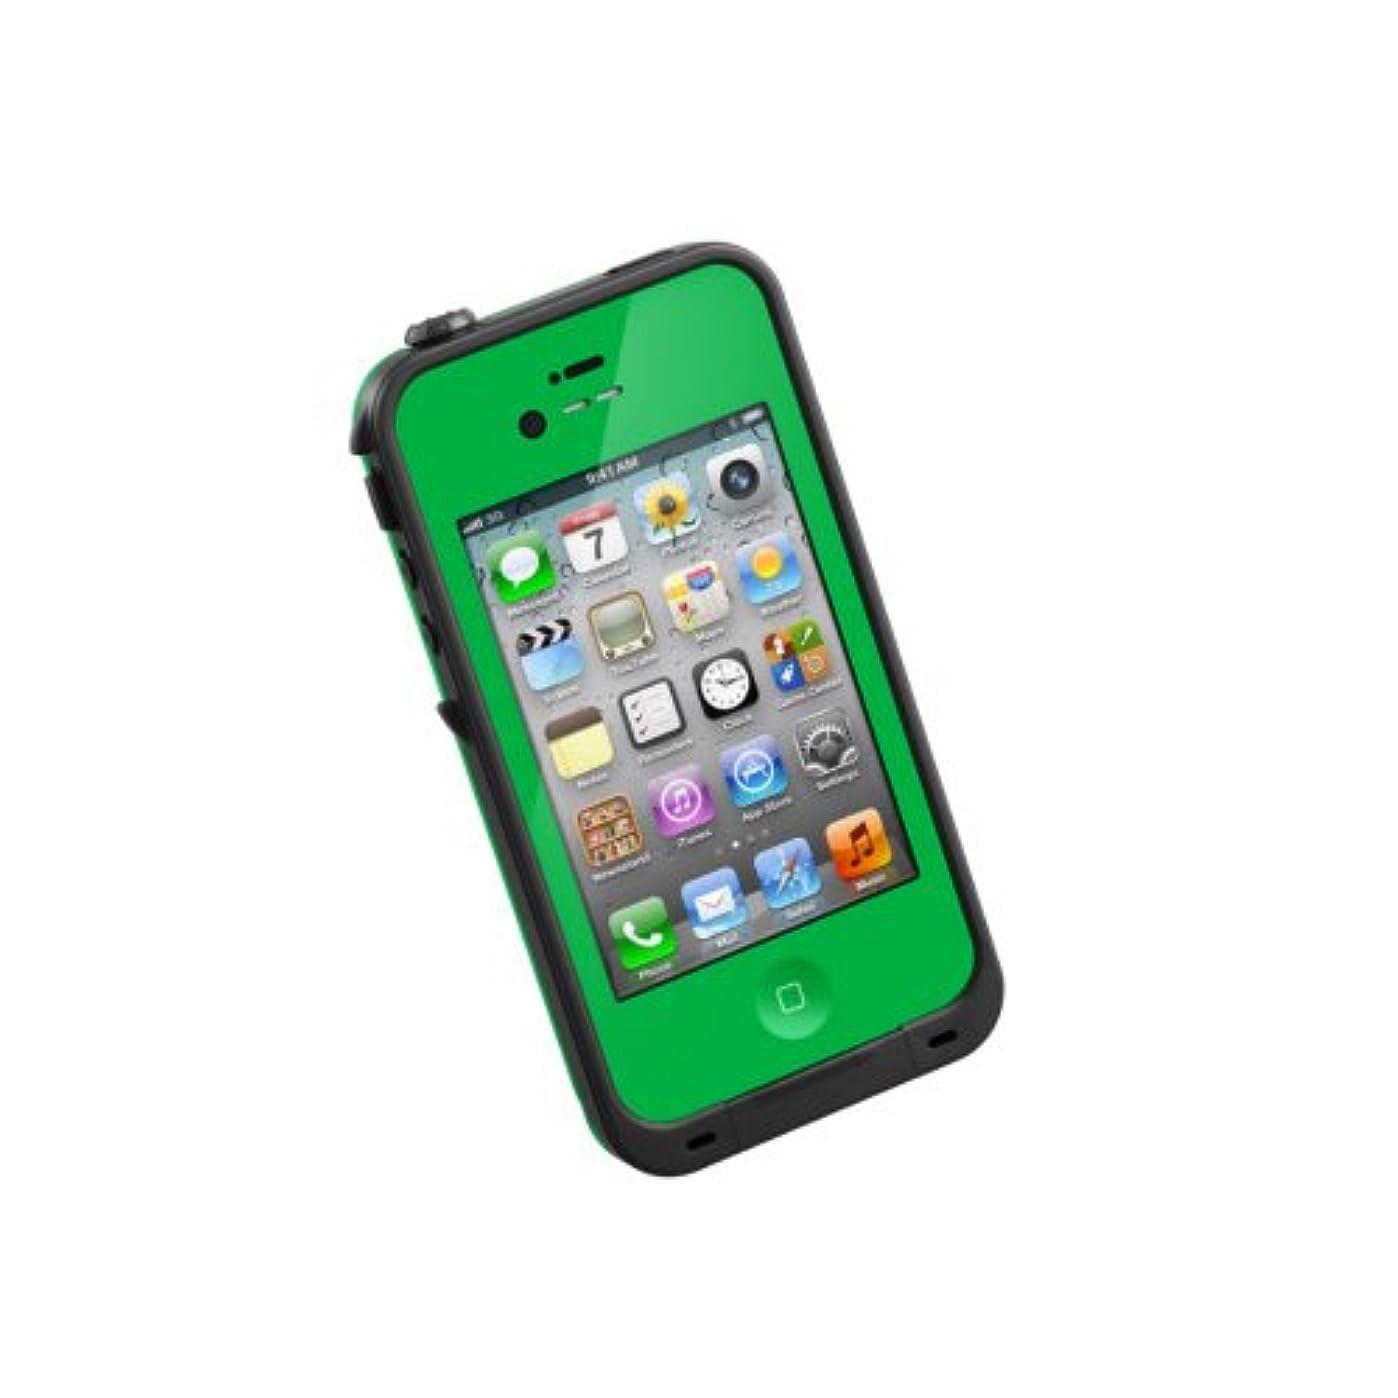 アンペア振動させるクラウン【日本正規代理店品】iPhone4/4S用防水防塵耐衝撃ケース LifeProof Gen2 グリーン LPIPH4CS02GN